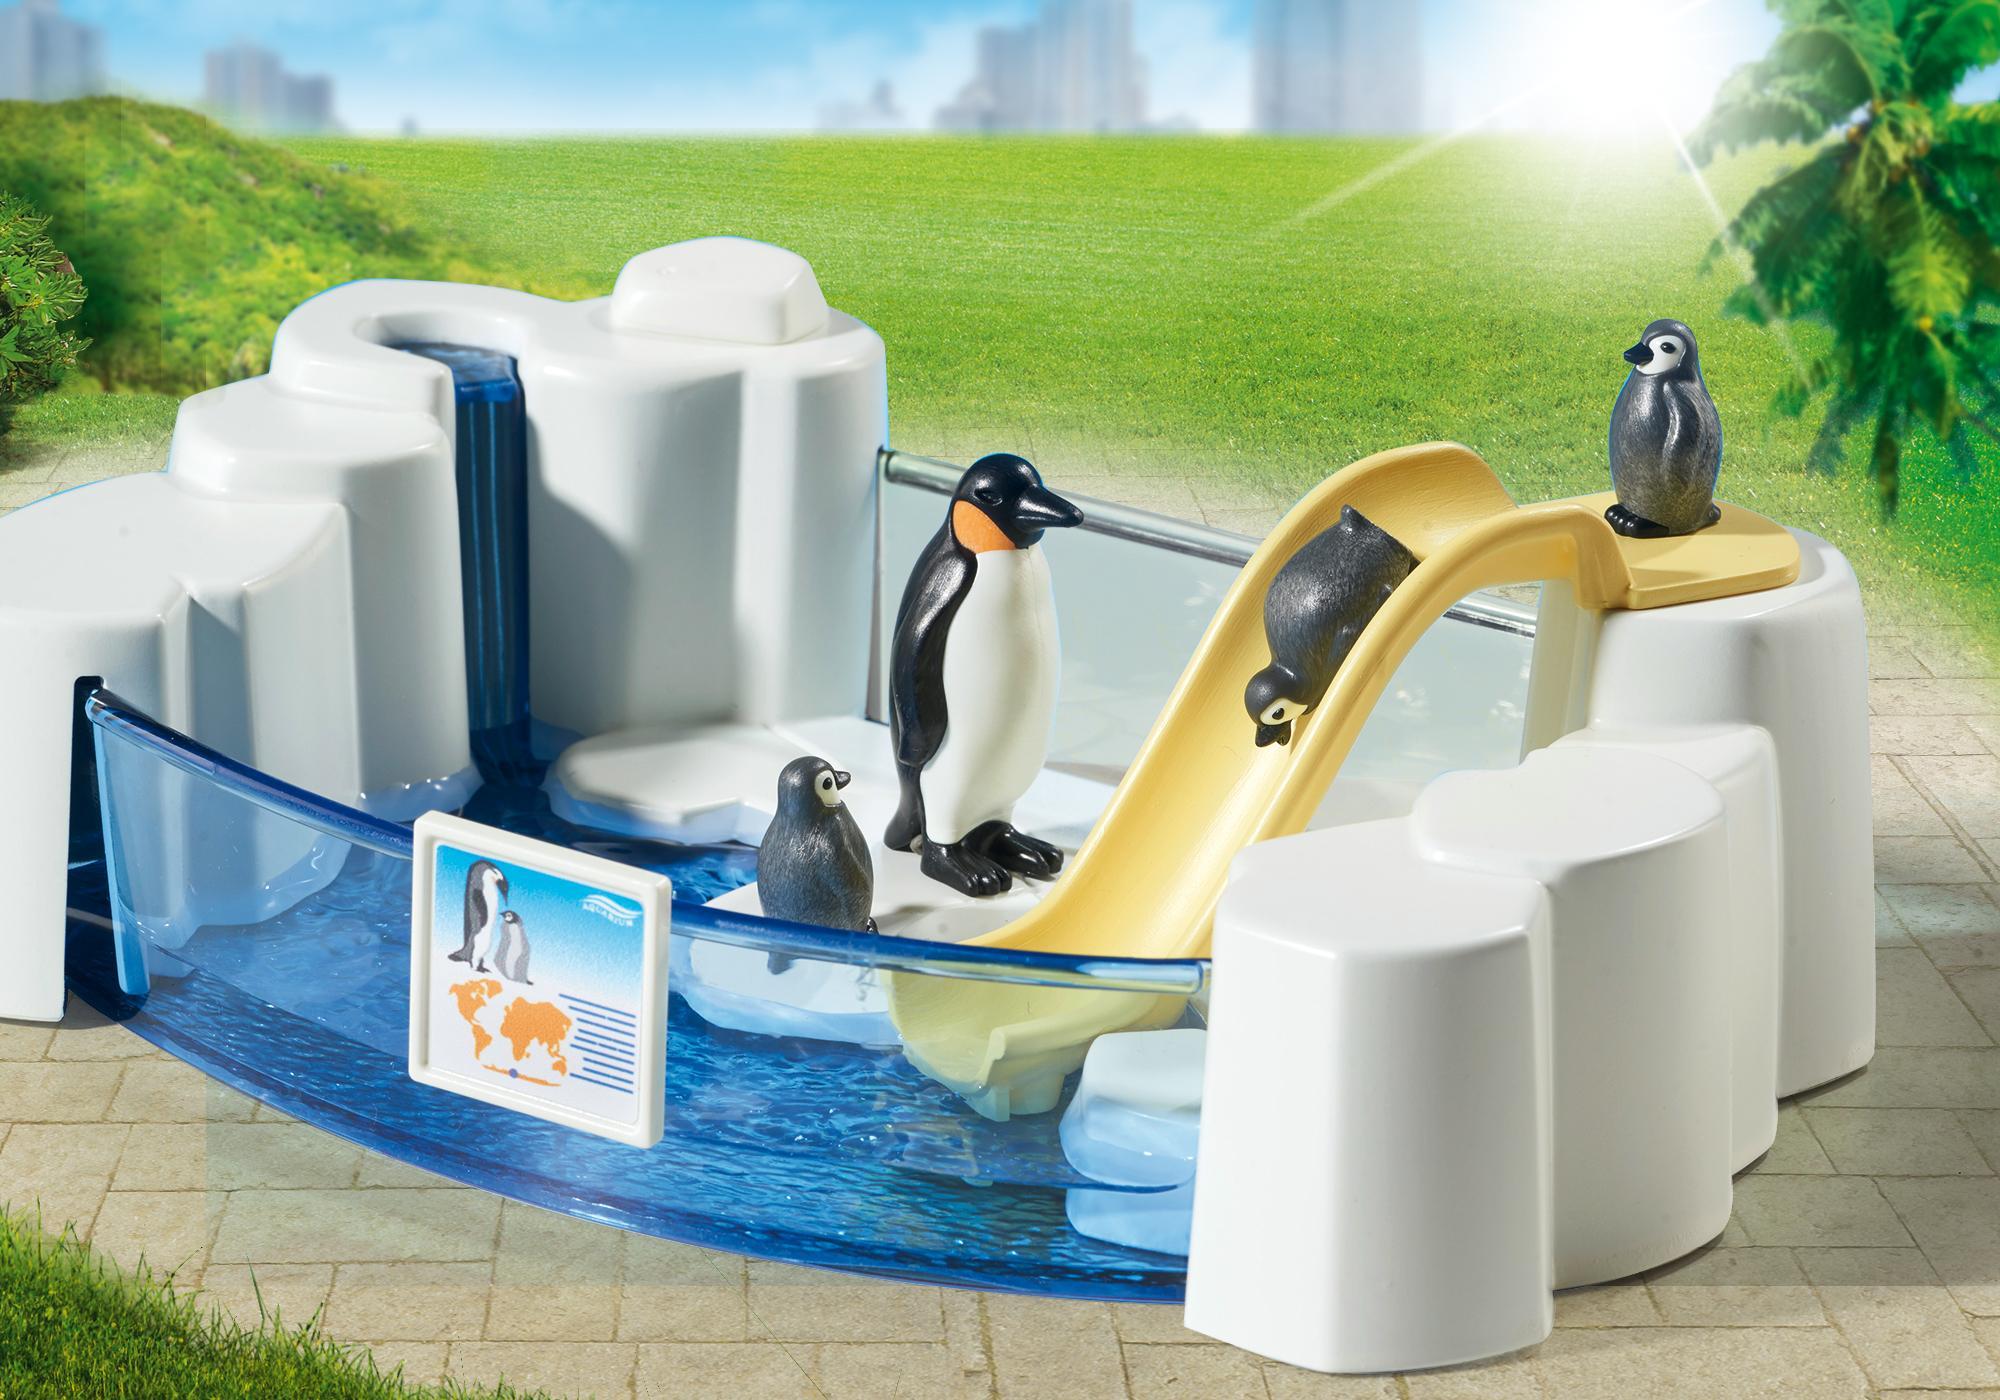 http://media.playmobil.com/i/playmobil/9062_product_extra1/Bassin de manchots